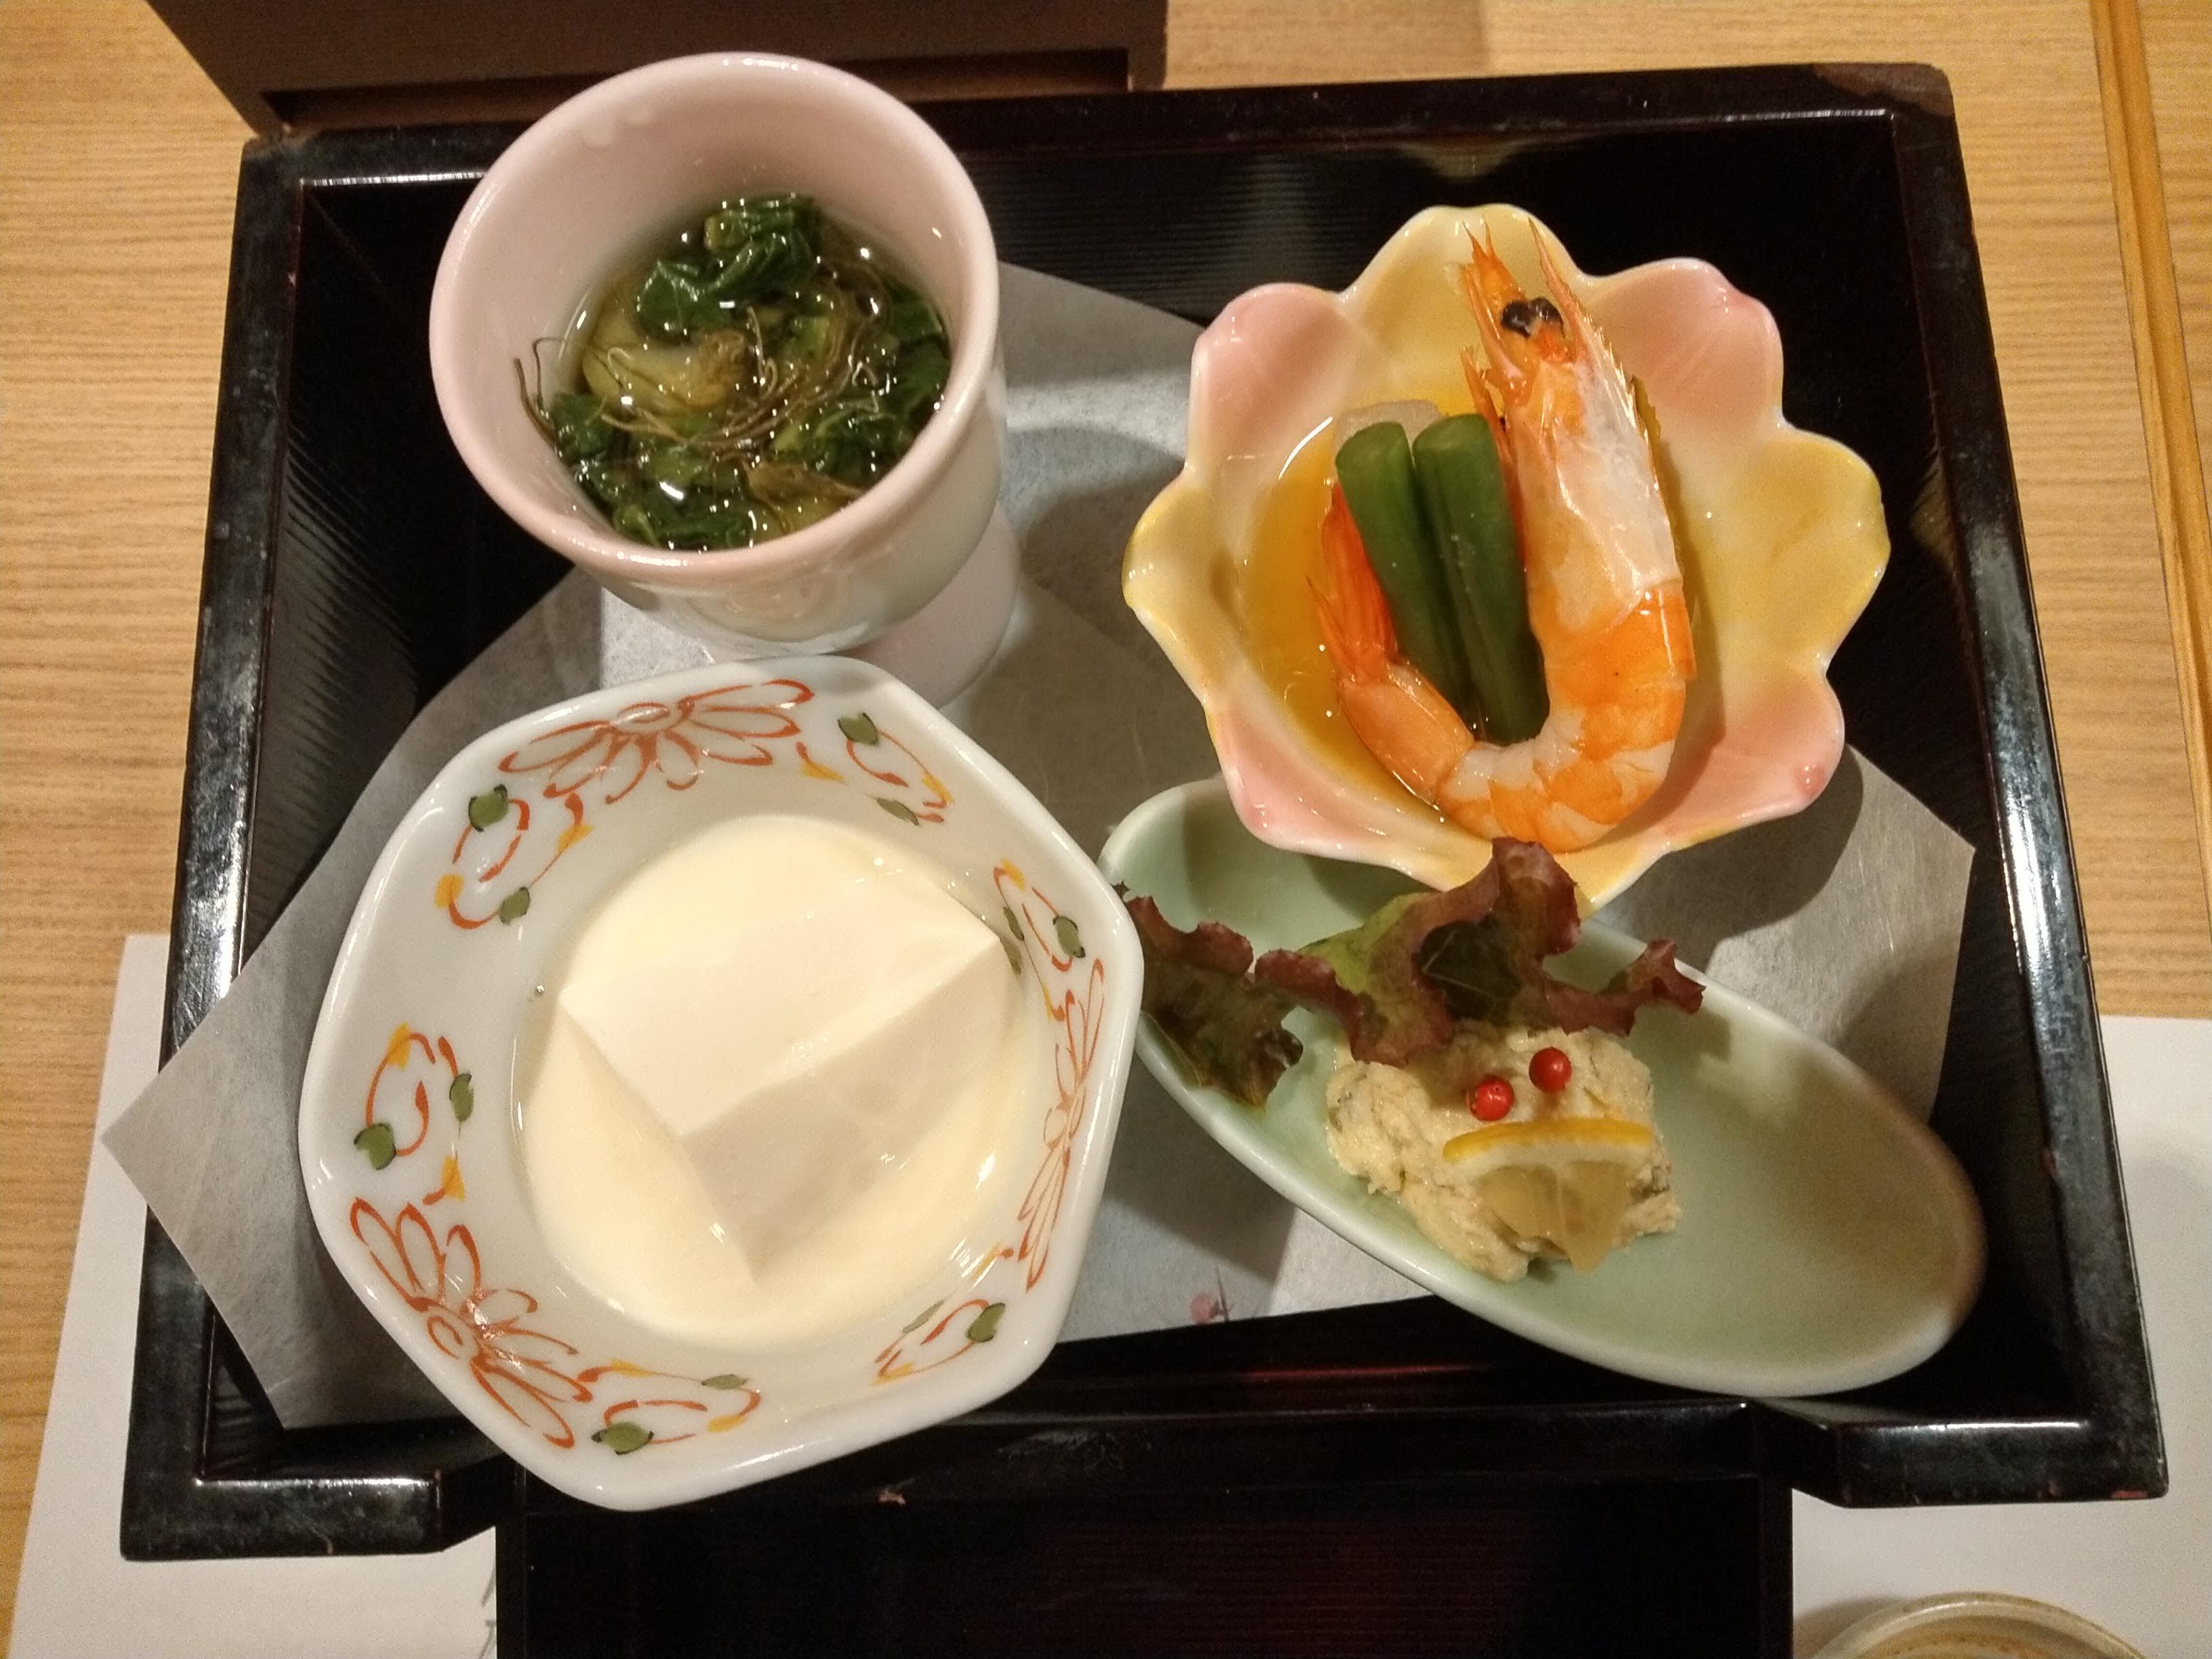 豆腐・ポテトサラダ・ほうれん草のお浸し・えび